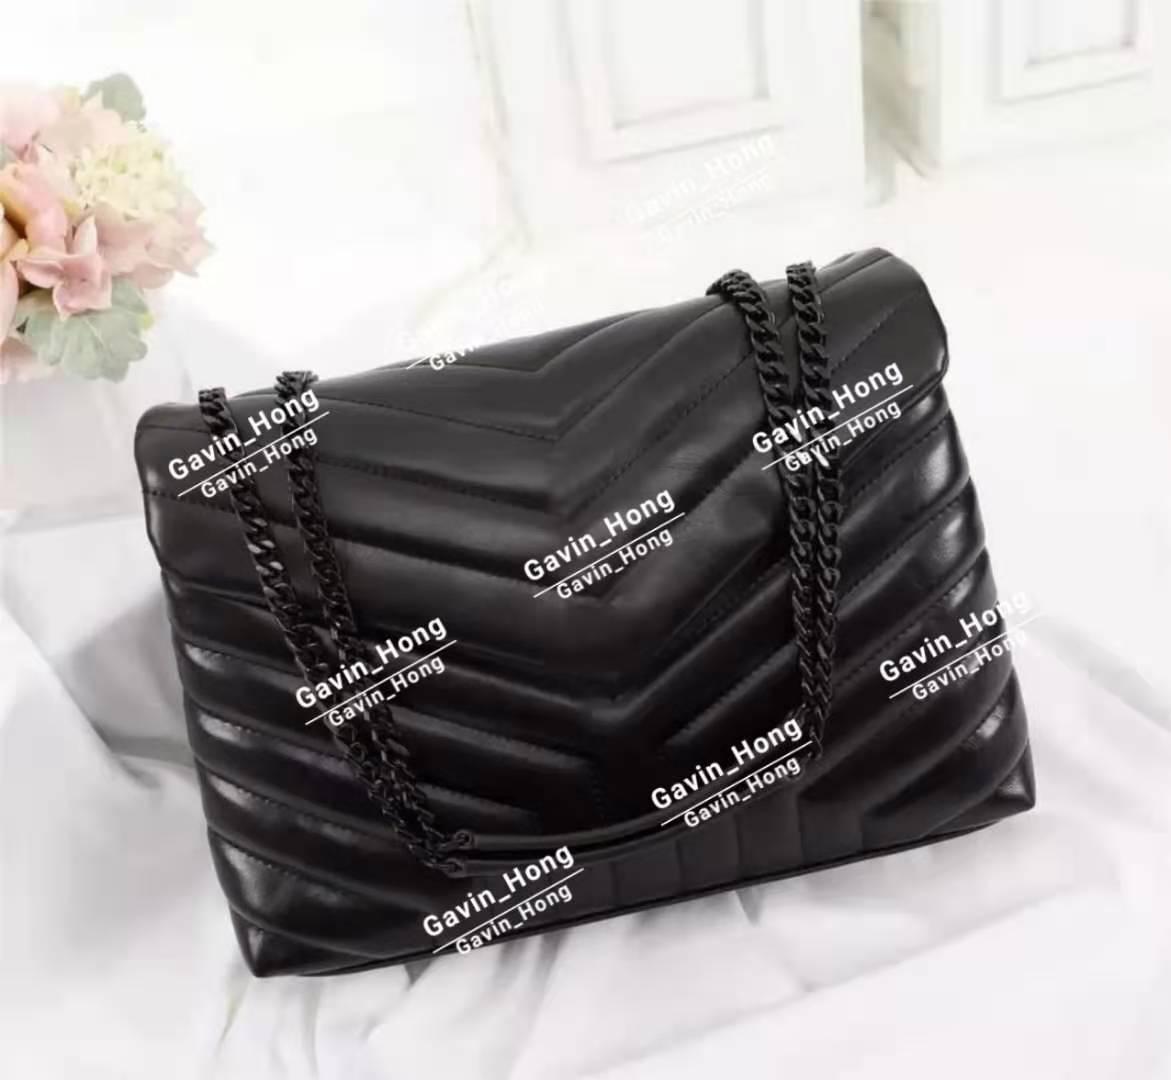 Farbe gesteppt Brief Schulter Handtaschen echte Mehrere High Bags Tasche Designer Tasche Frauen Qualität Flap Kette Schulter Leder geformt Rovcj